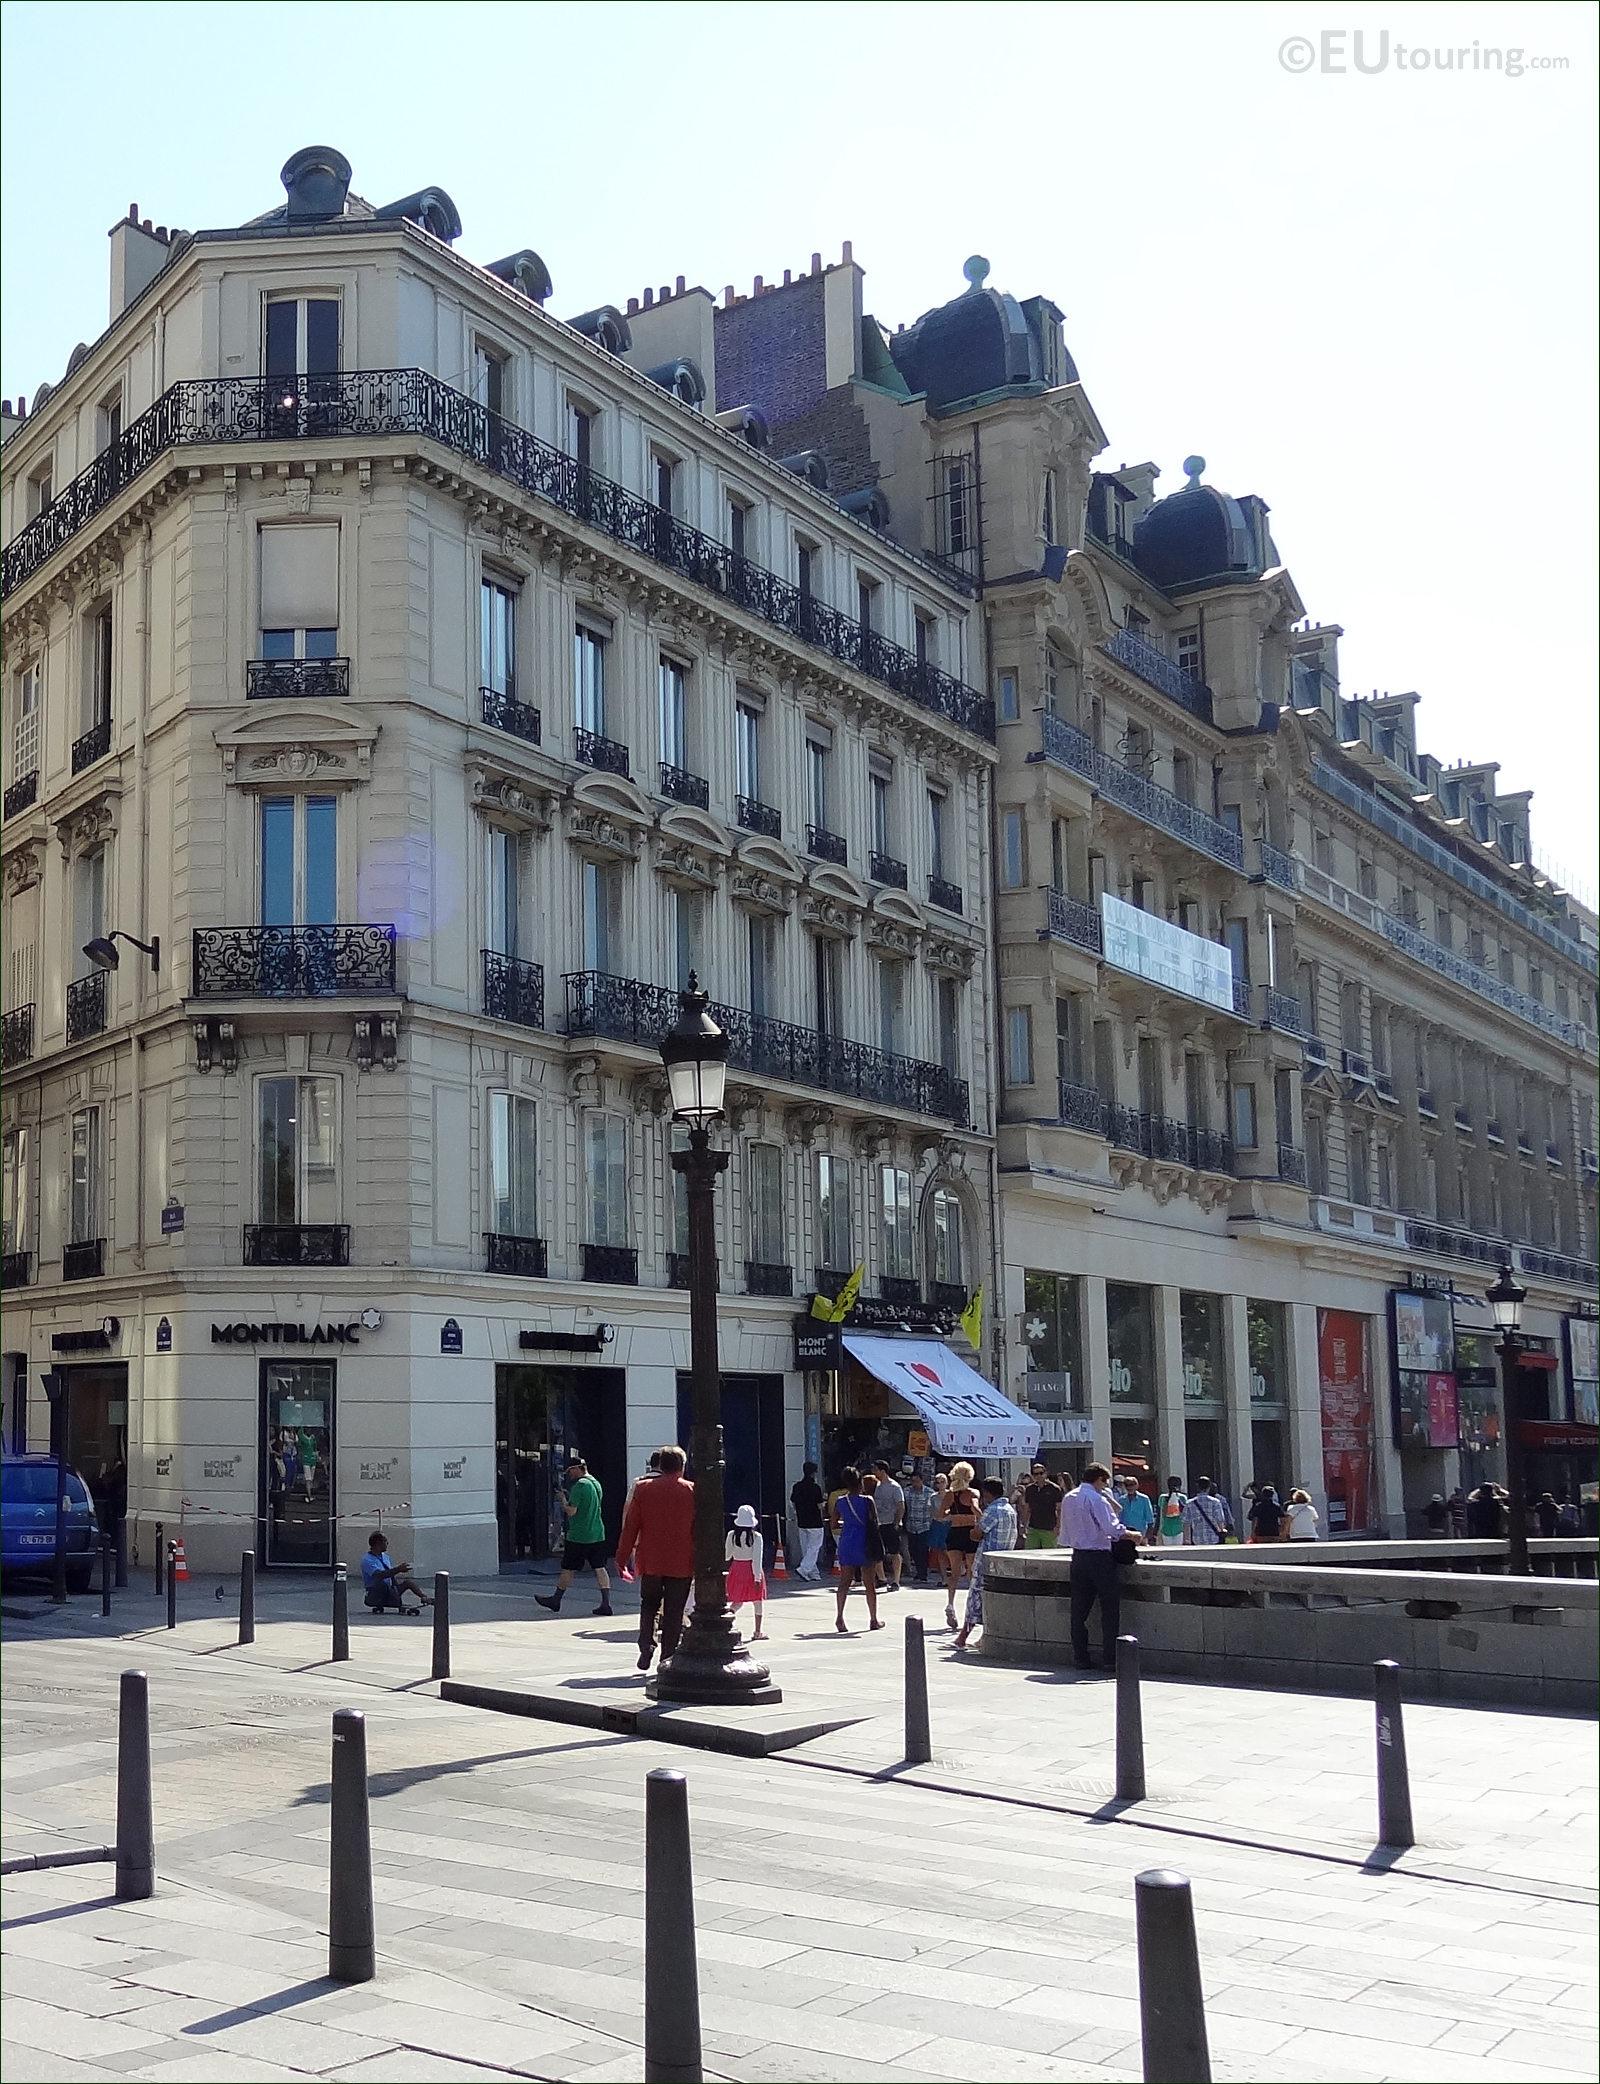 HD Photos Of Avenue Des Champs Elysees In Paris France